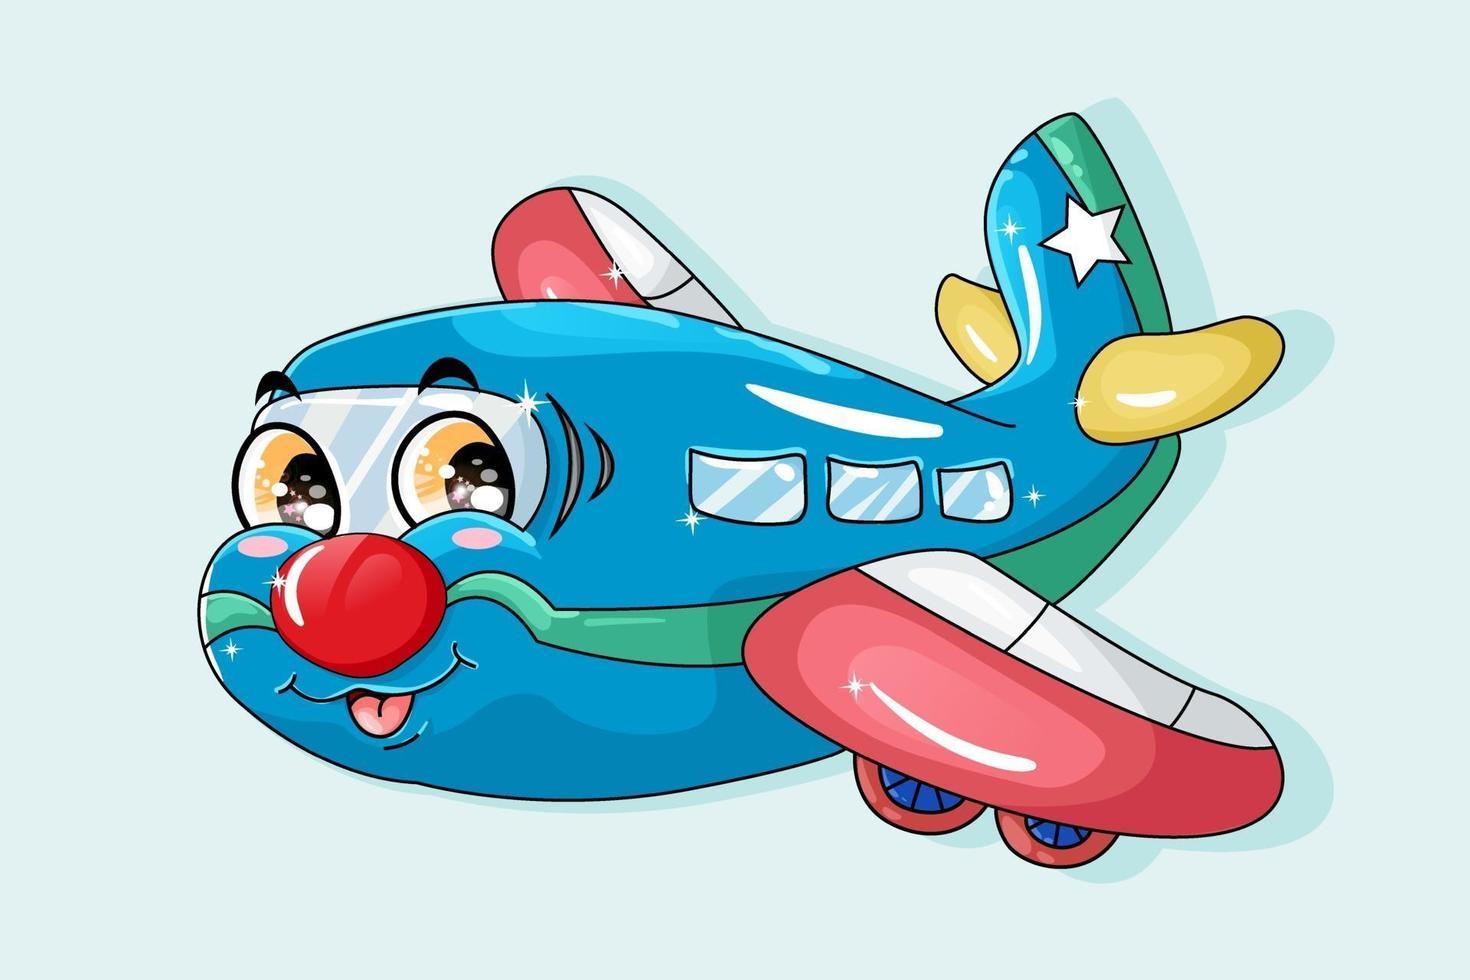 uma ilustração de um avião vermelho azul com olhos laranja, desenho animado de transporte vetor